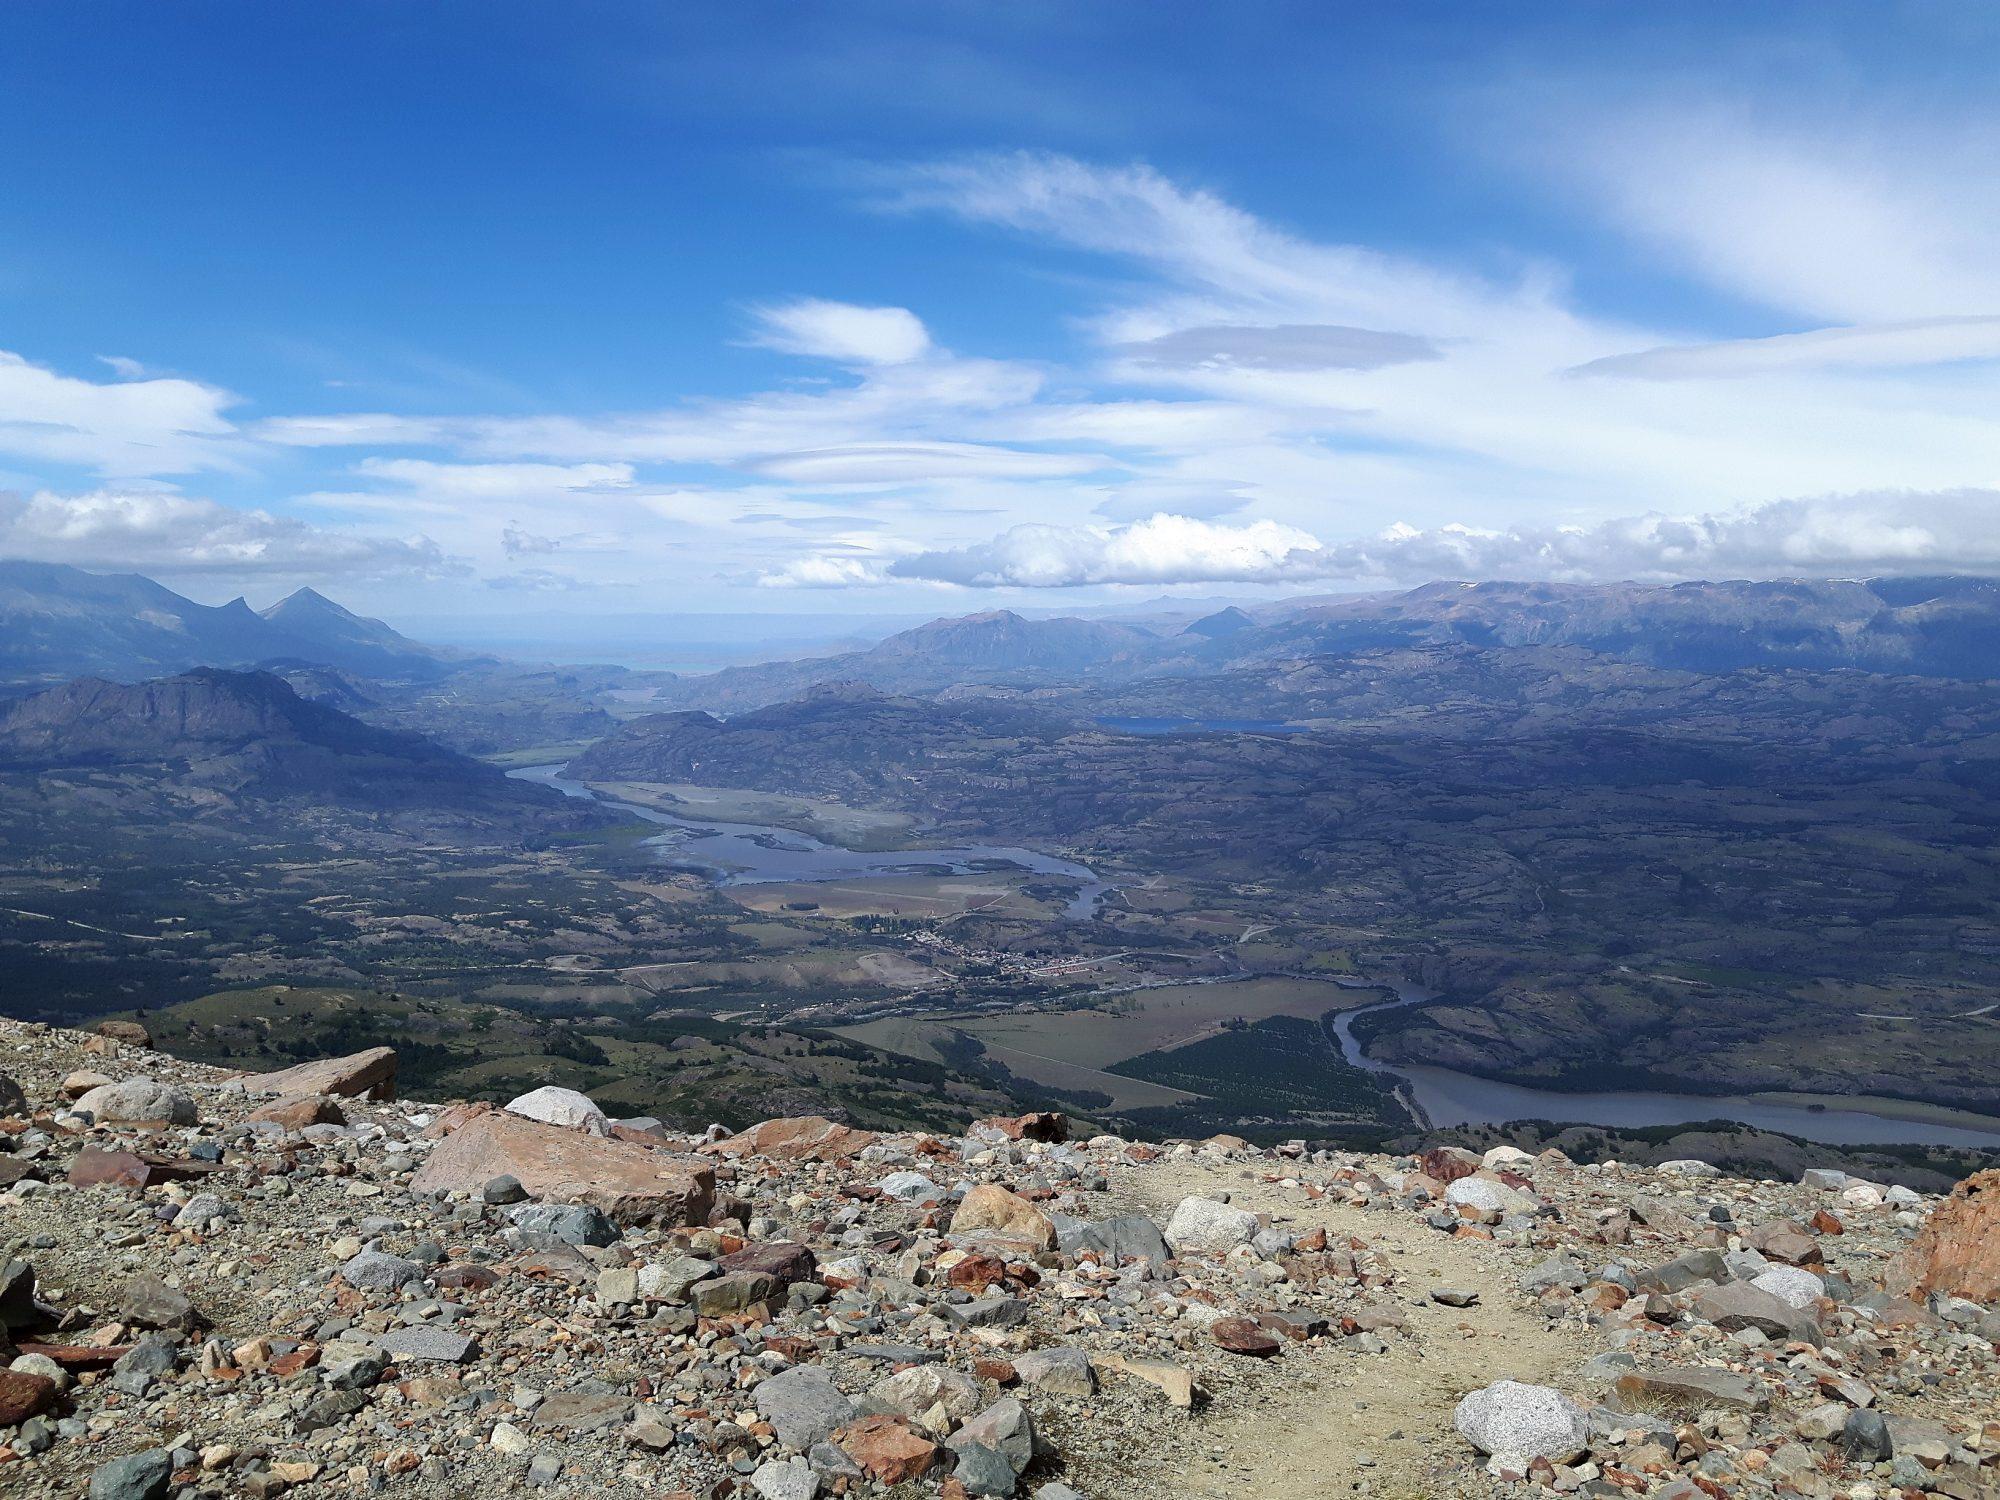 Chile - Carretera Austral Zuiden - Cerro Castillo trekking